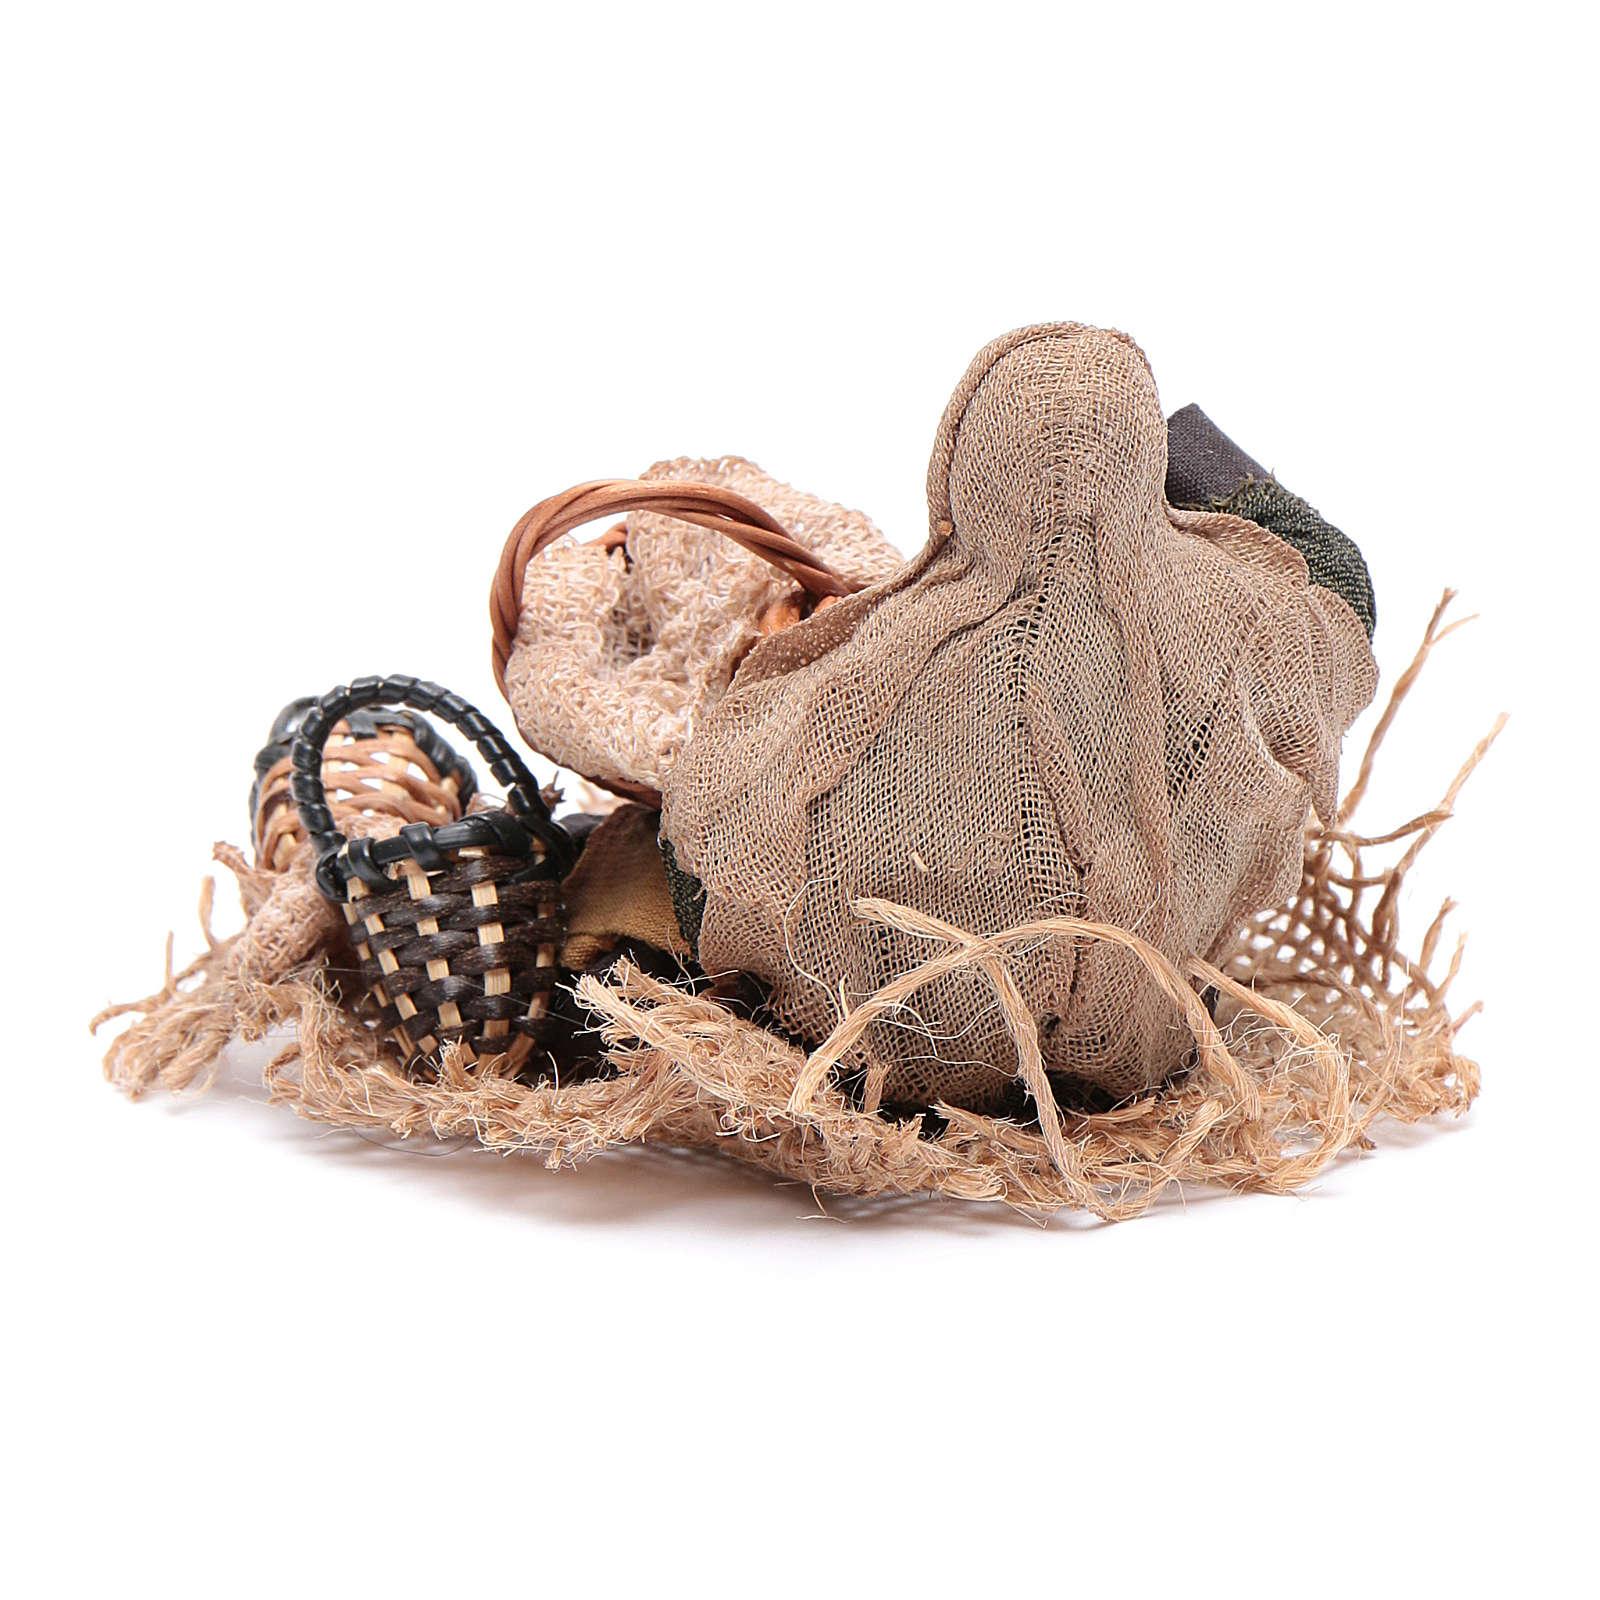 Araba seduta per terra con cesti di paglia 10 cm presepe Napoli 4